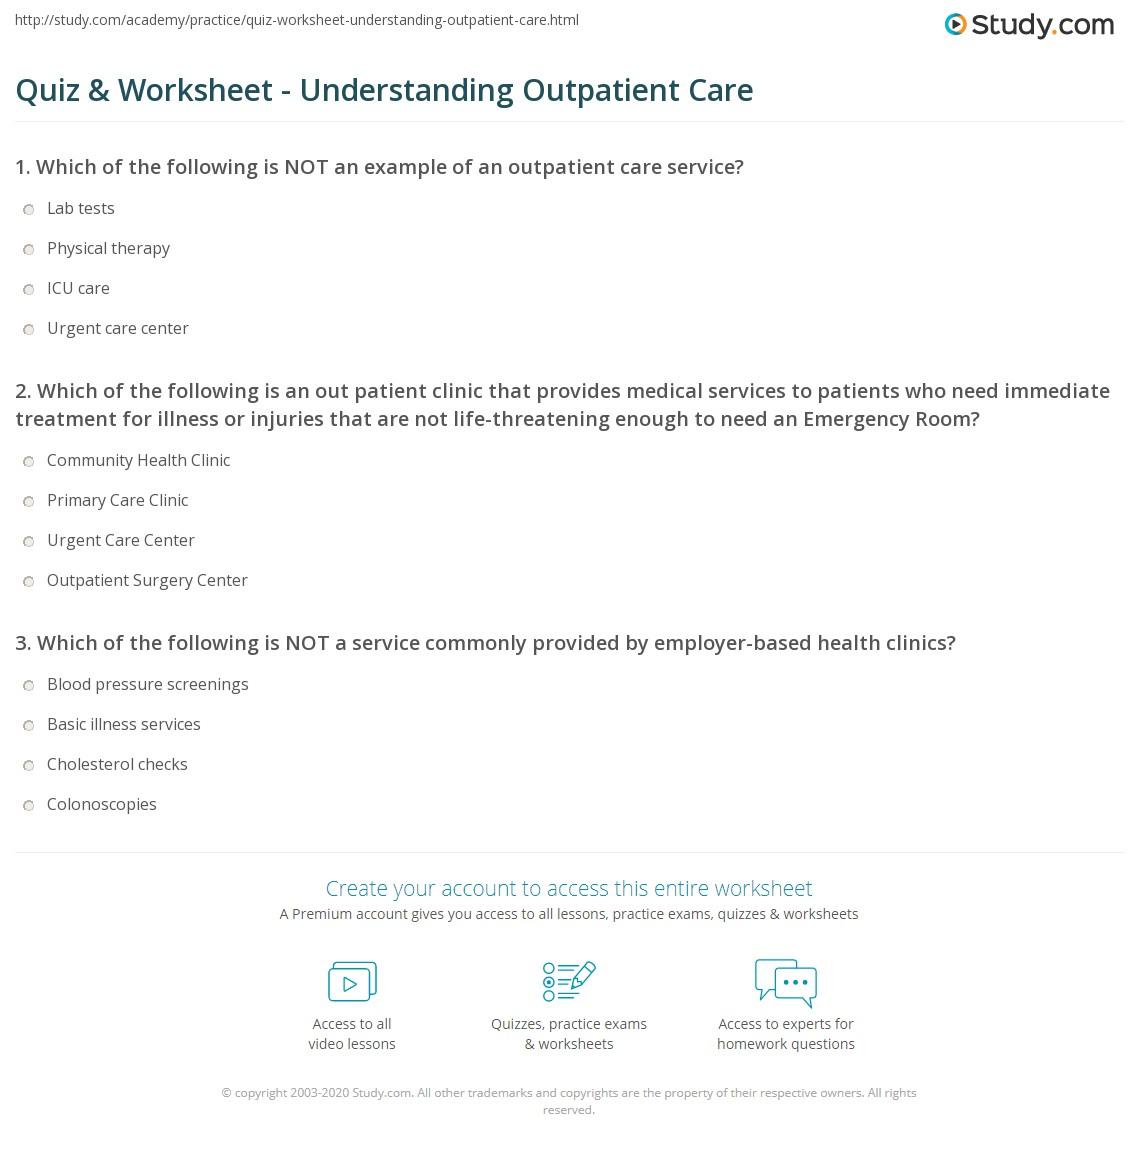 quiz & worksheet - understanding outpatient care | study